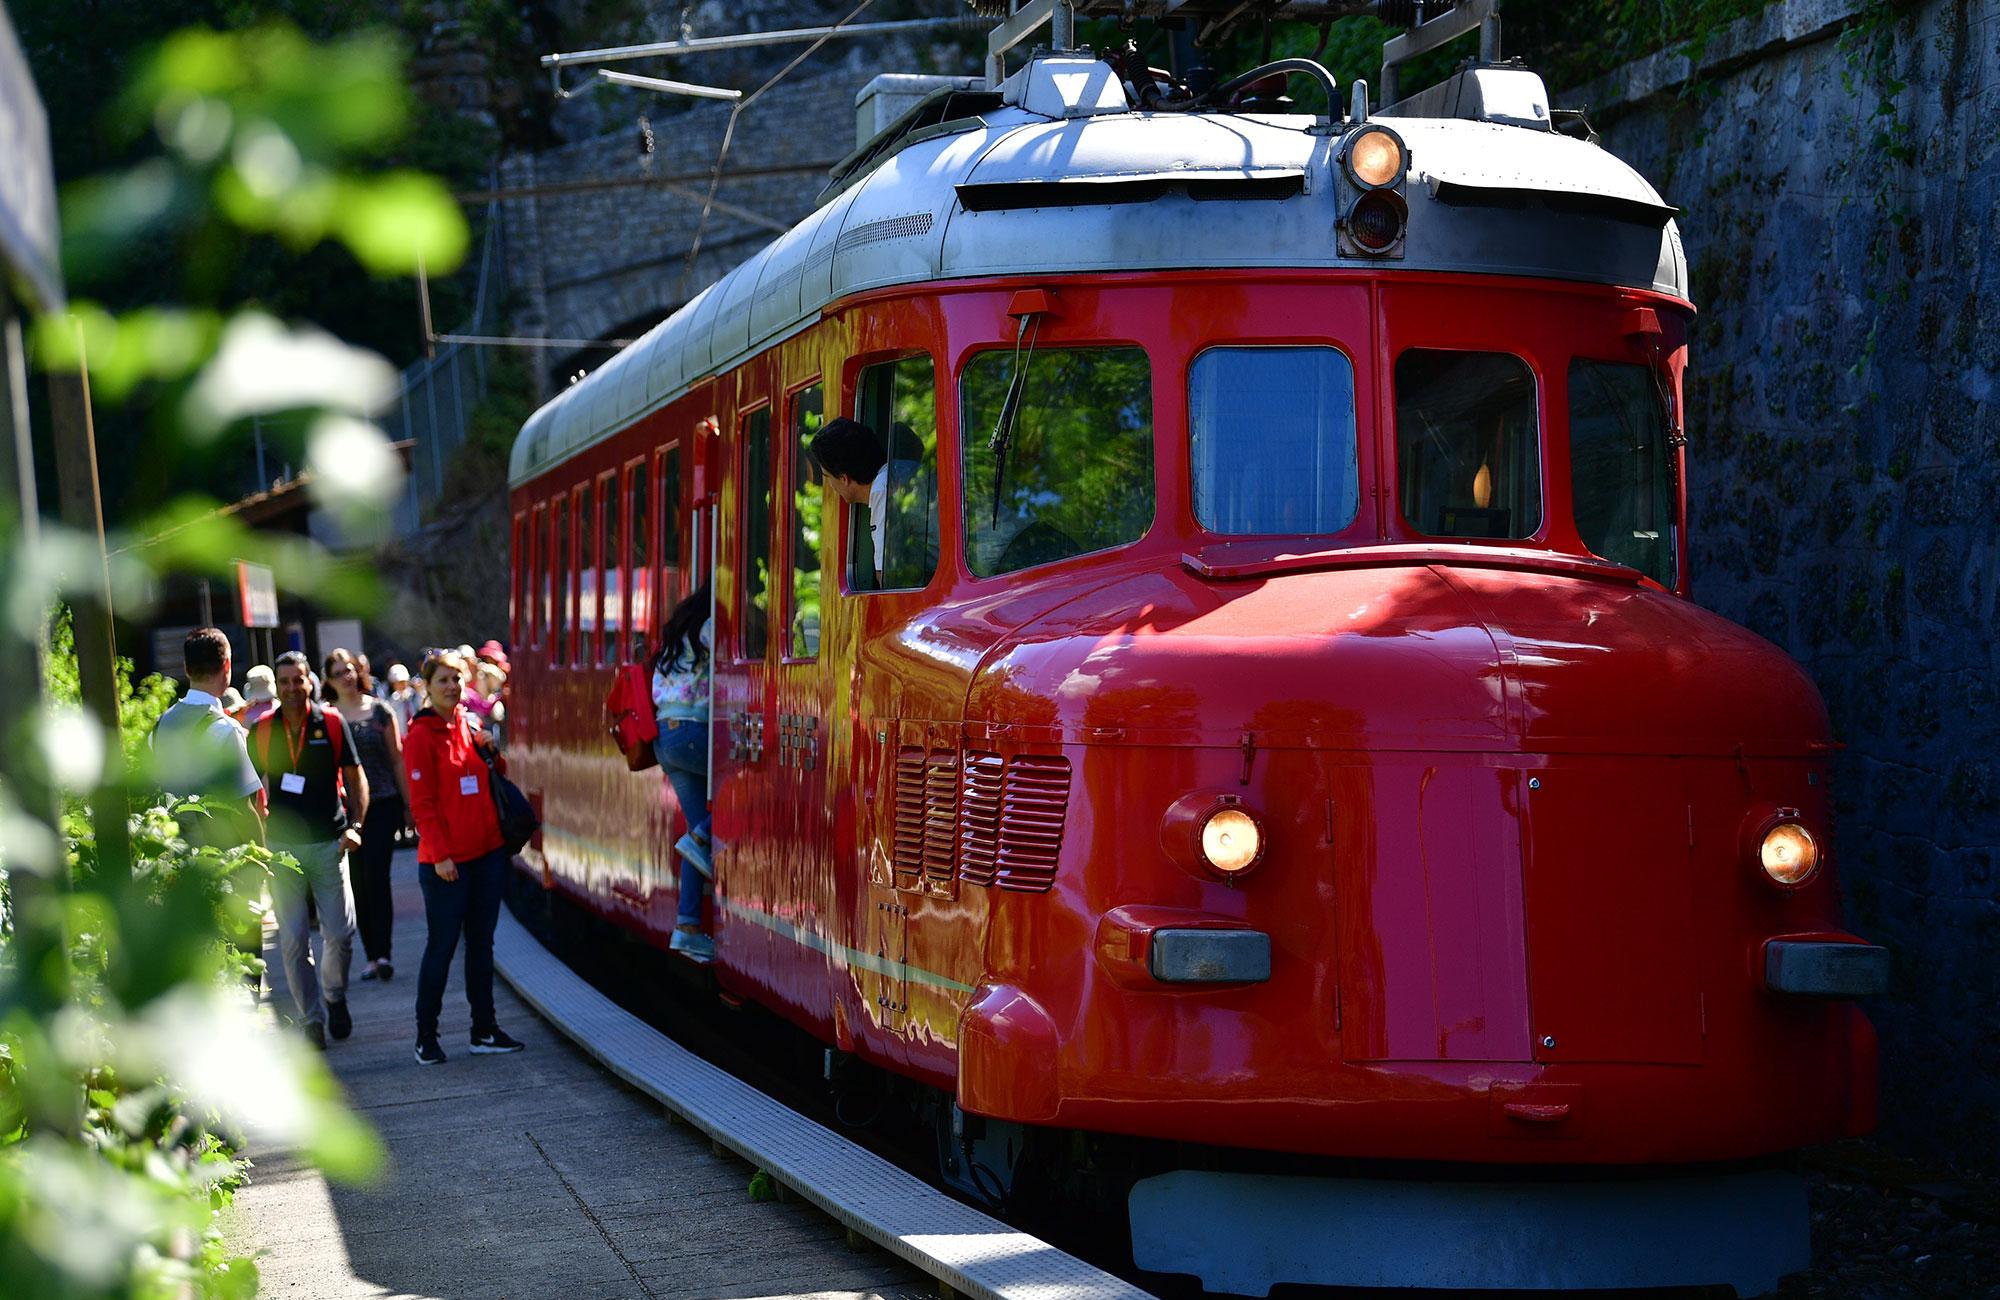 Voyage MICE Suisse - Train flèche rouge Churchill - Amplitudes